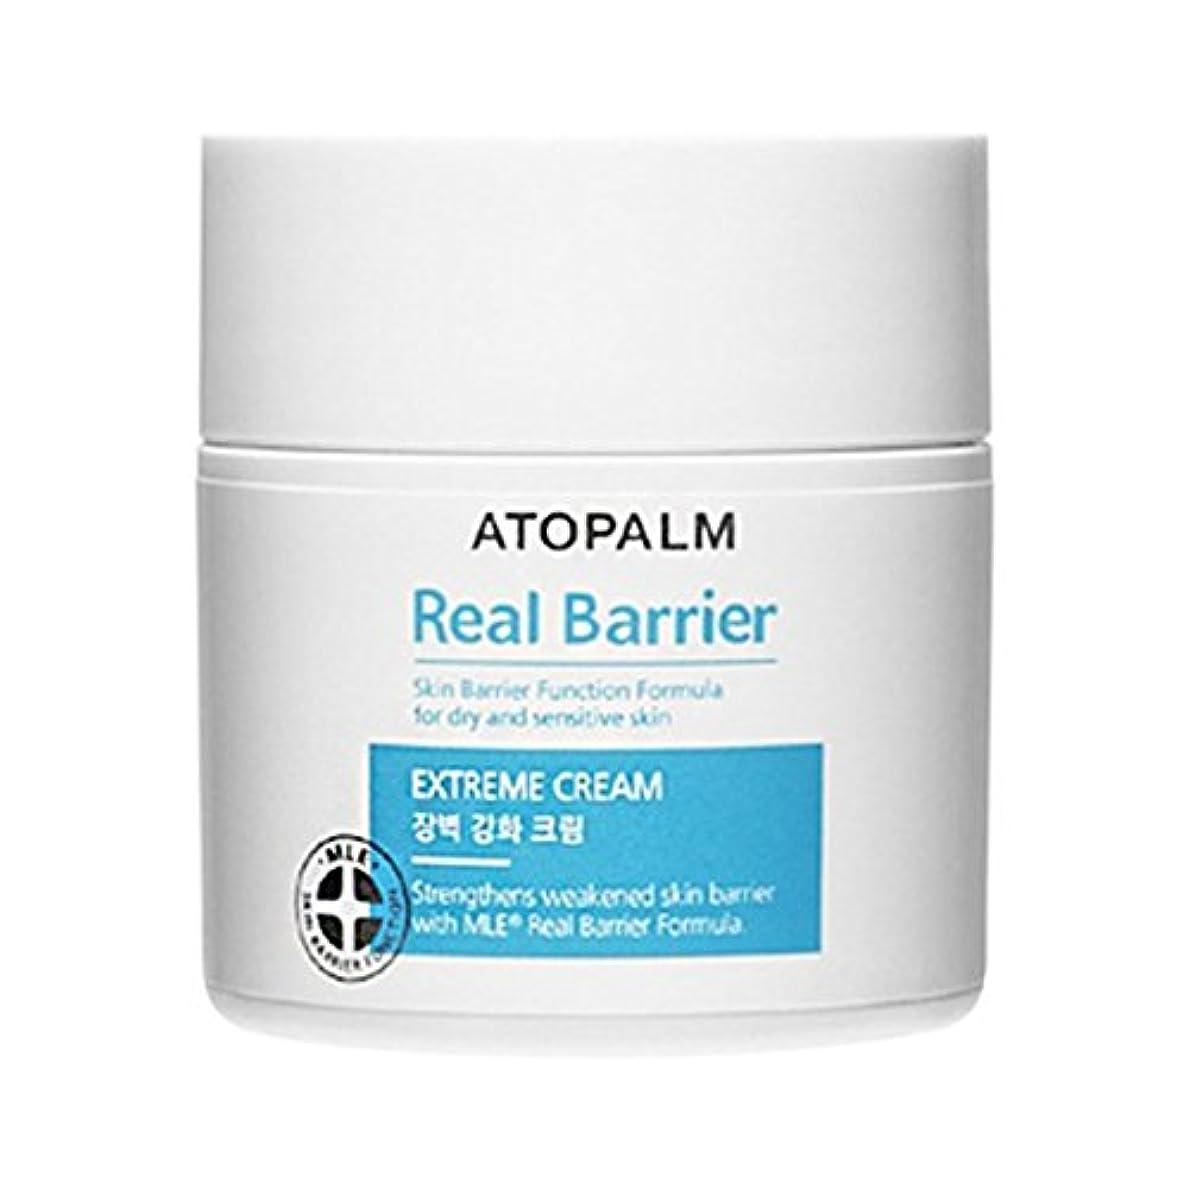 アトファムリアルバリア?エクストリームクリーム50ml、韓国化粧品 ATOPALM Real Barrier Extream Cream 50ml, Korean Cosmetics [並行輸入品]